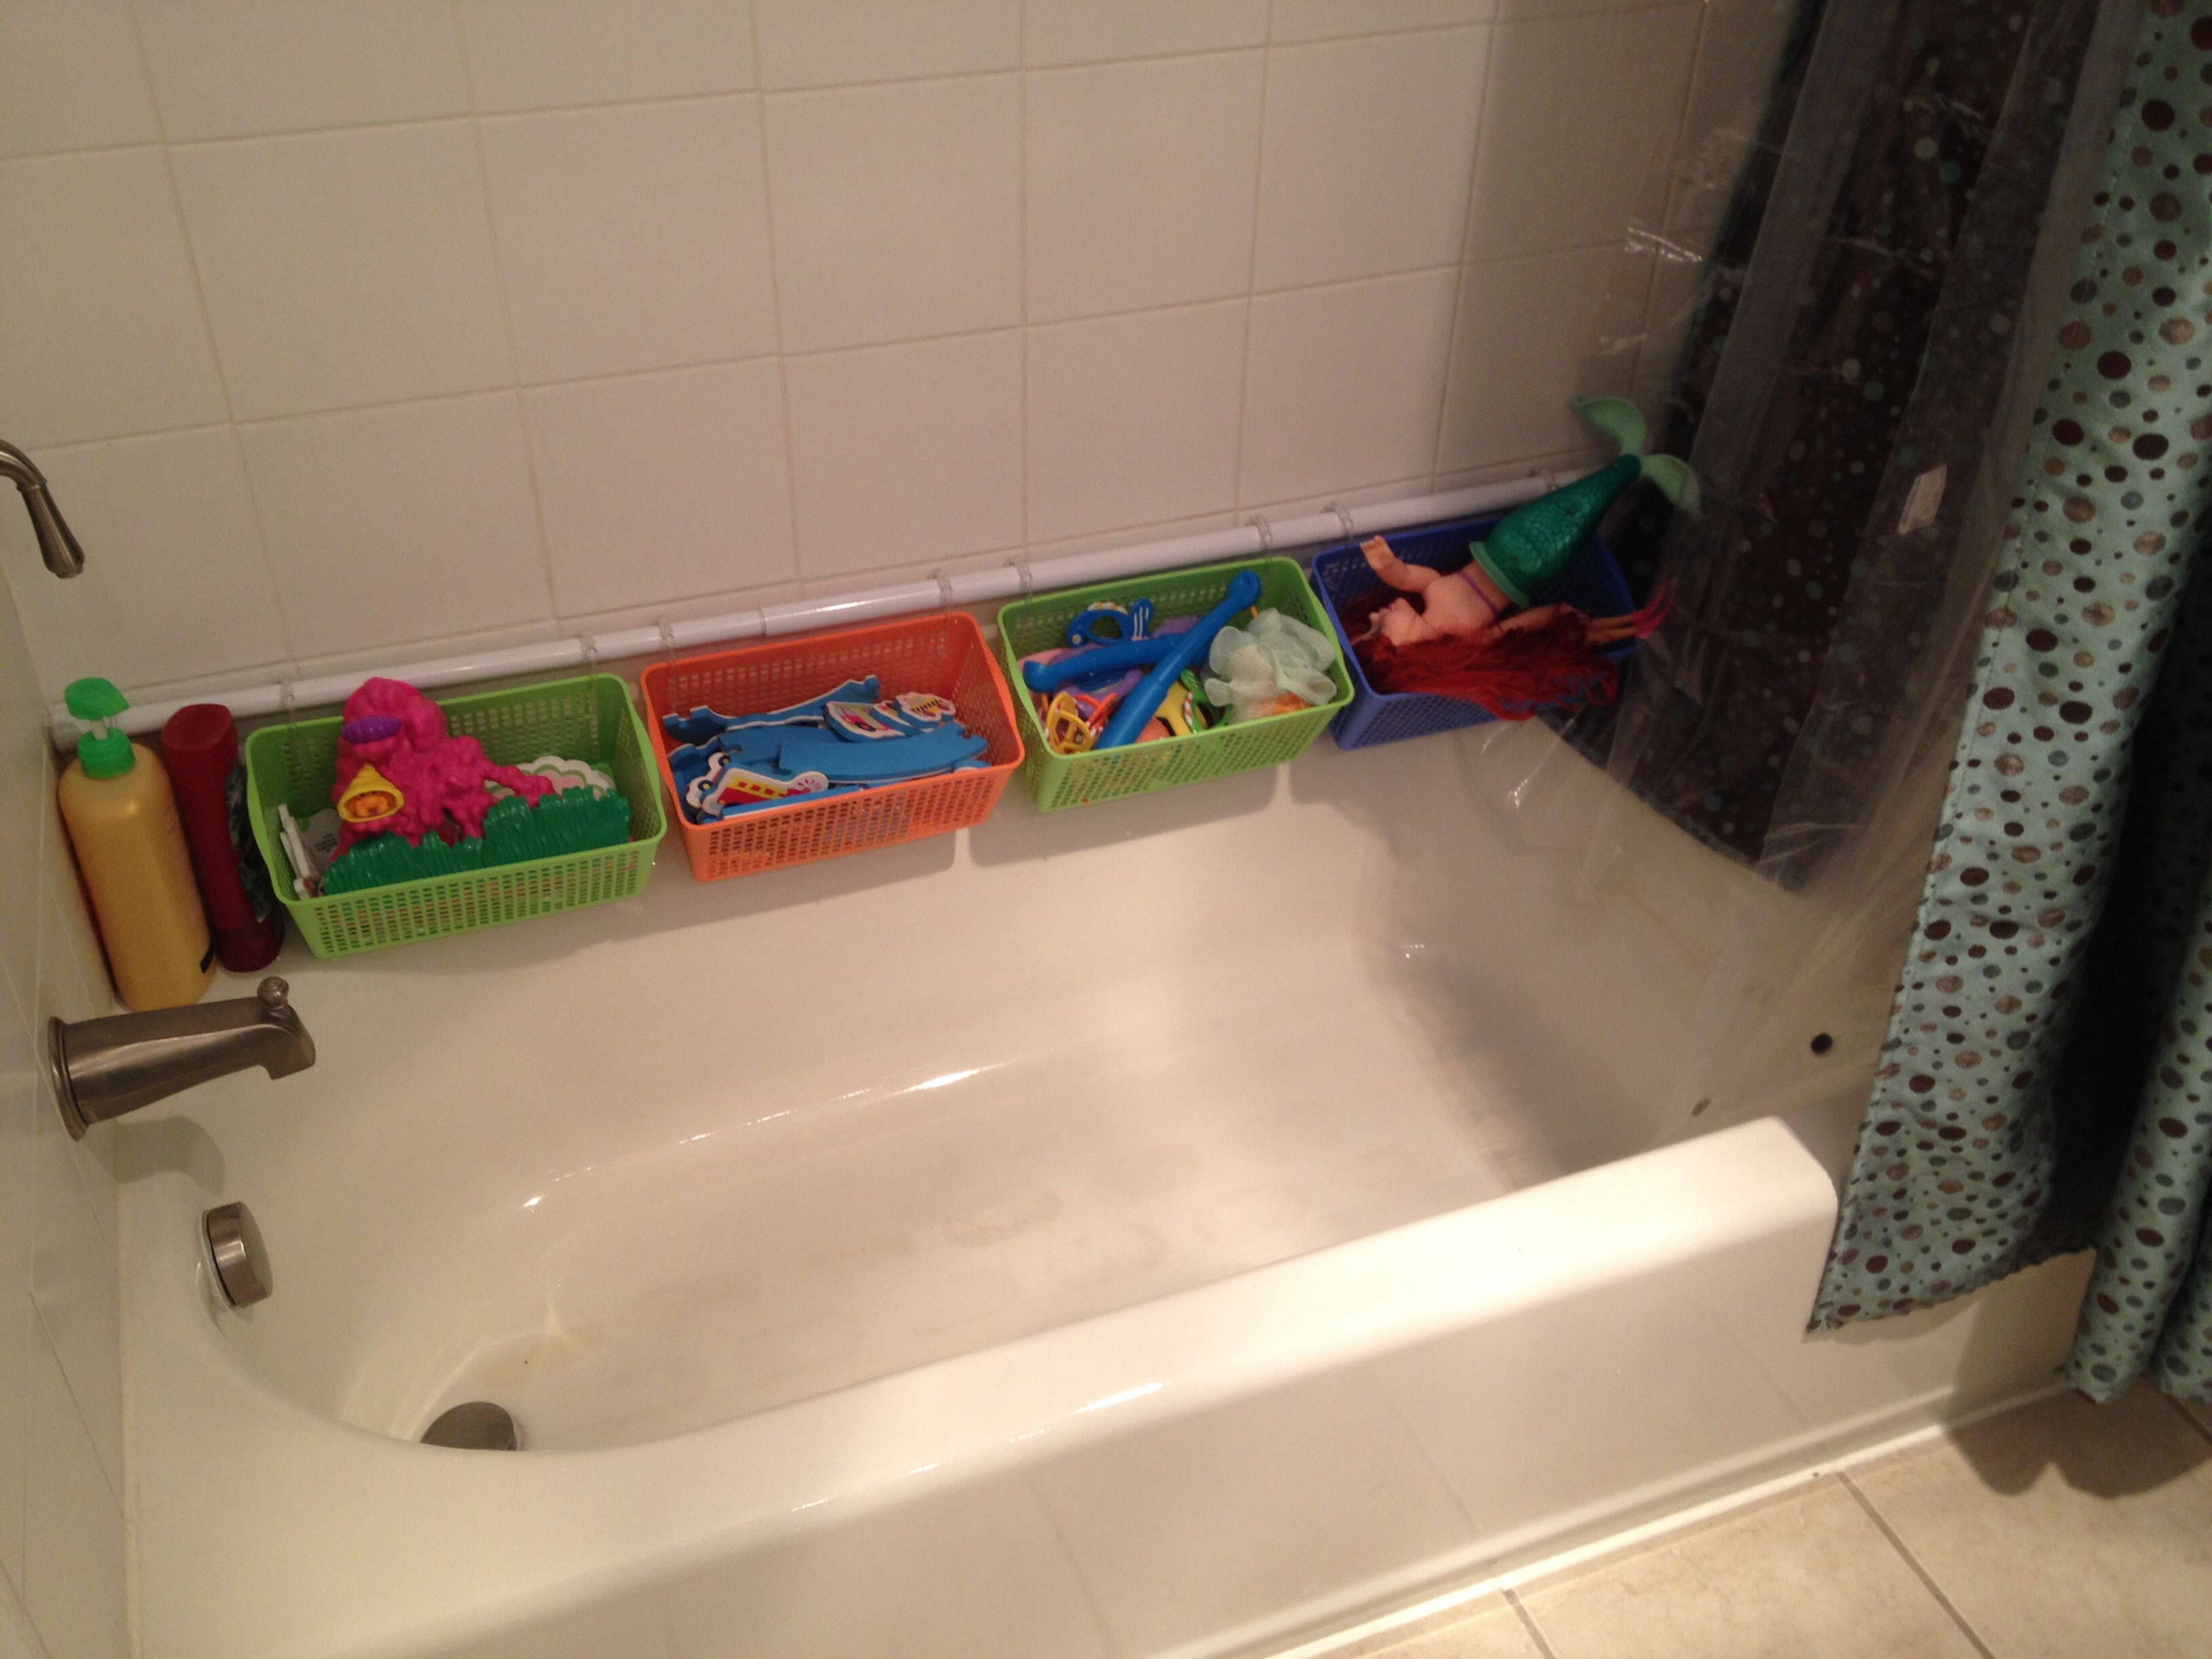 Bathroom Toys Storage Bath Toy Storage Shower Curtain Tension Rod Plastic Skinny